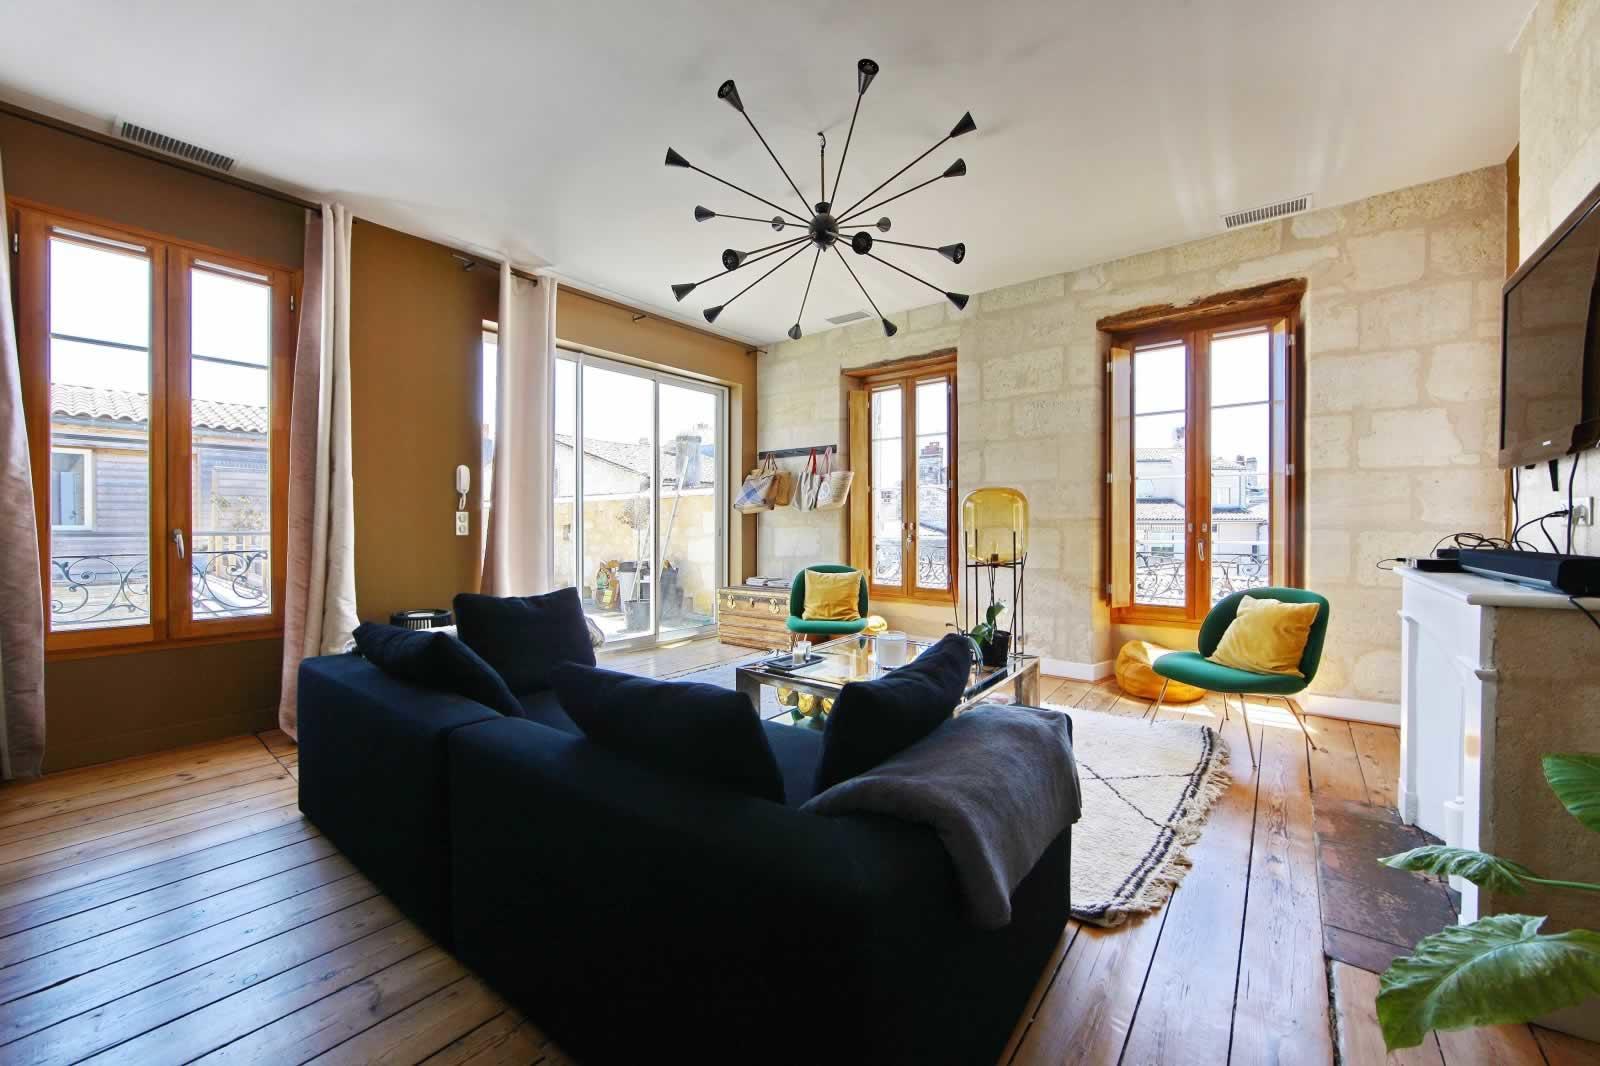 charmant-appartement-duplex-a-vendre-chartrons-terrasse-cuisine-americaine